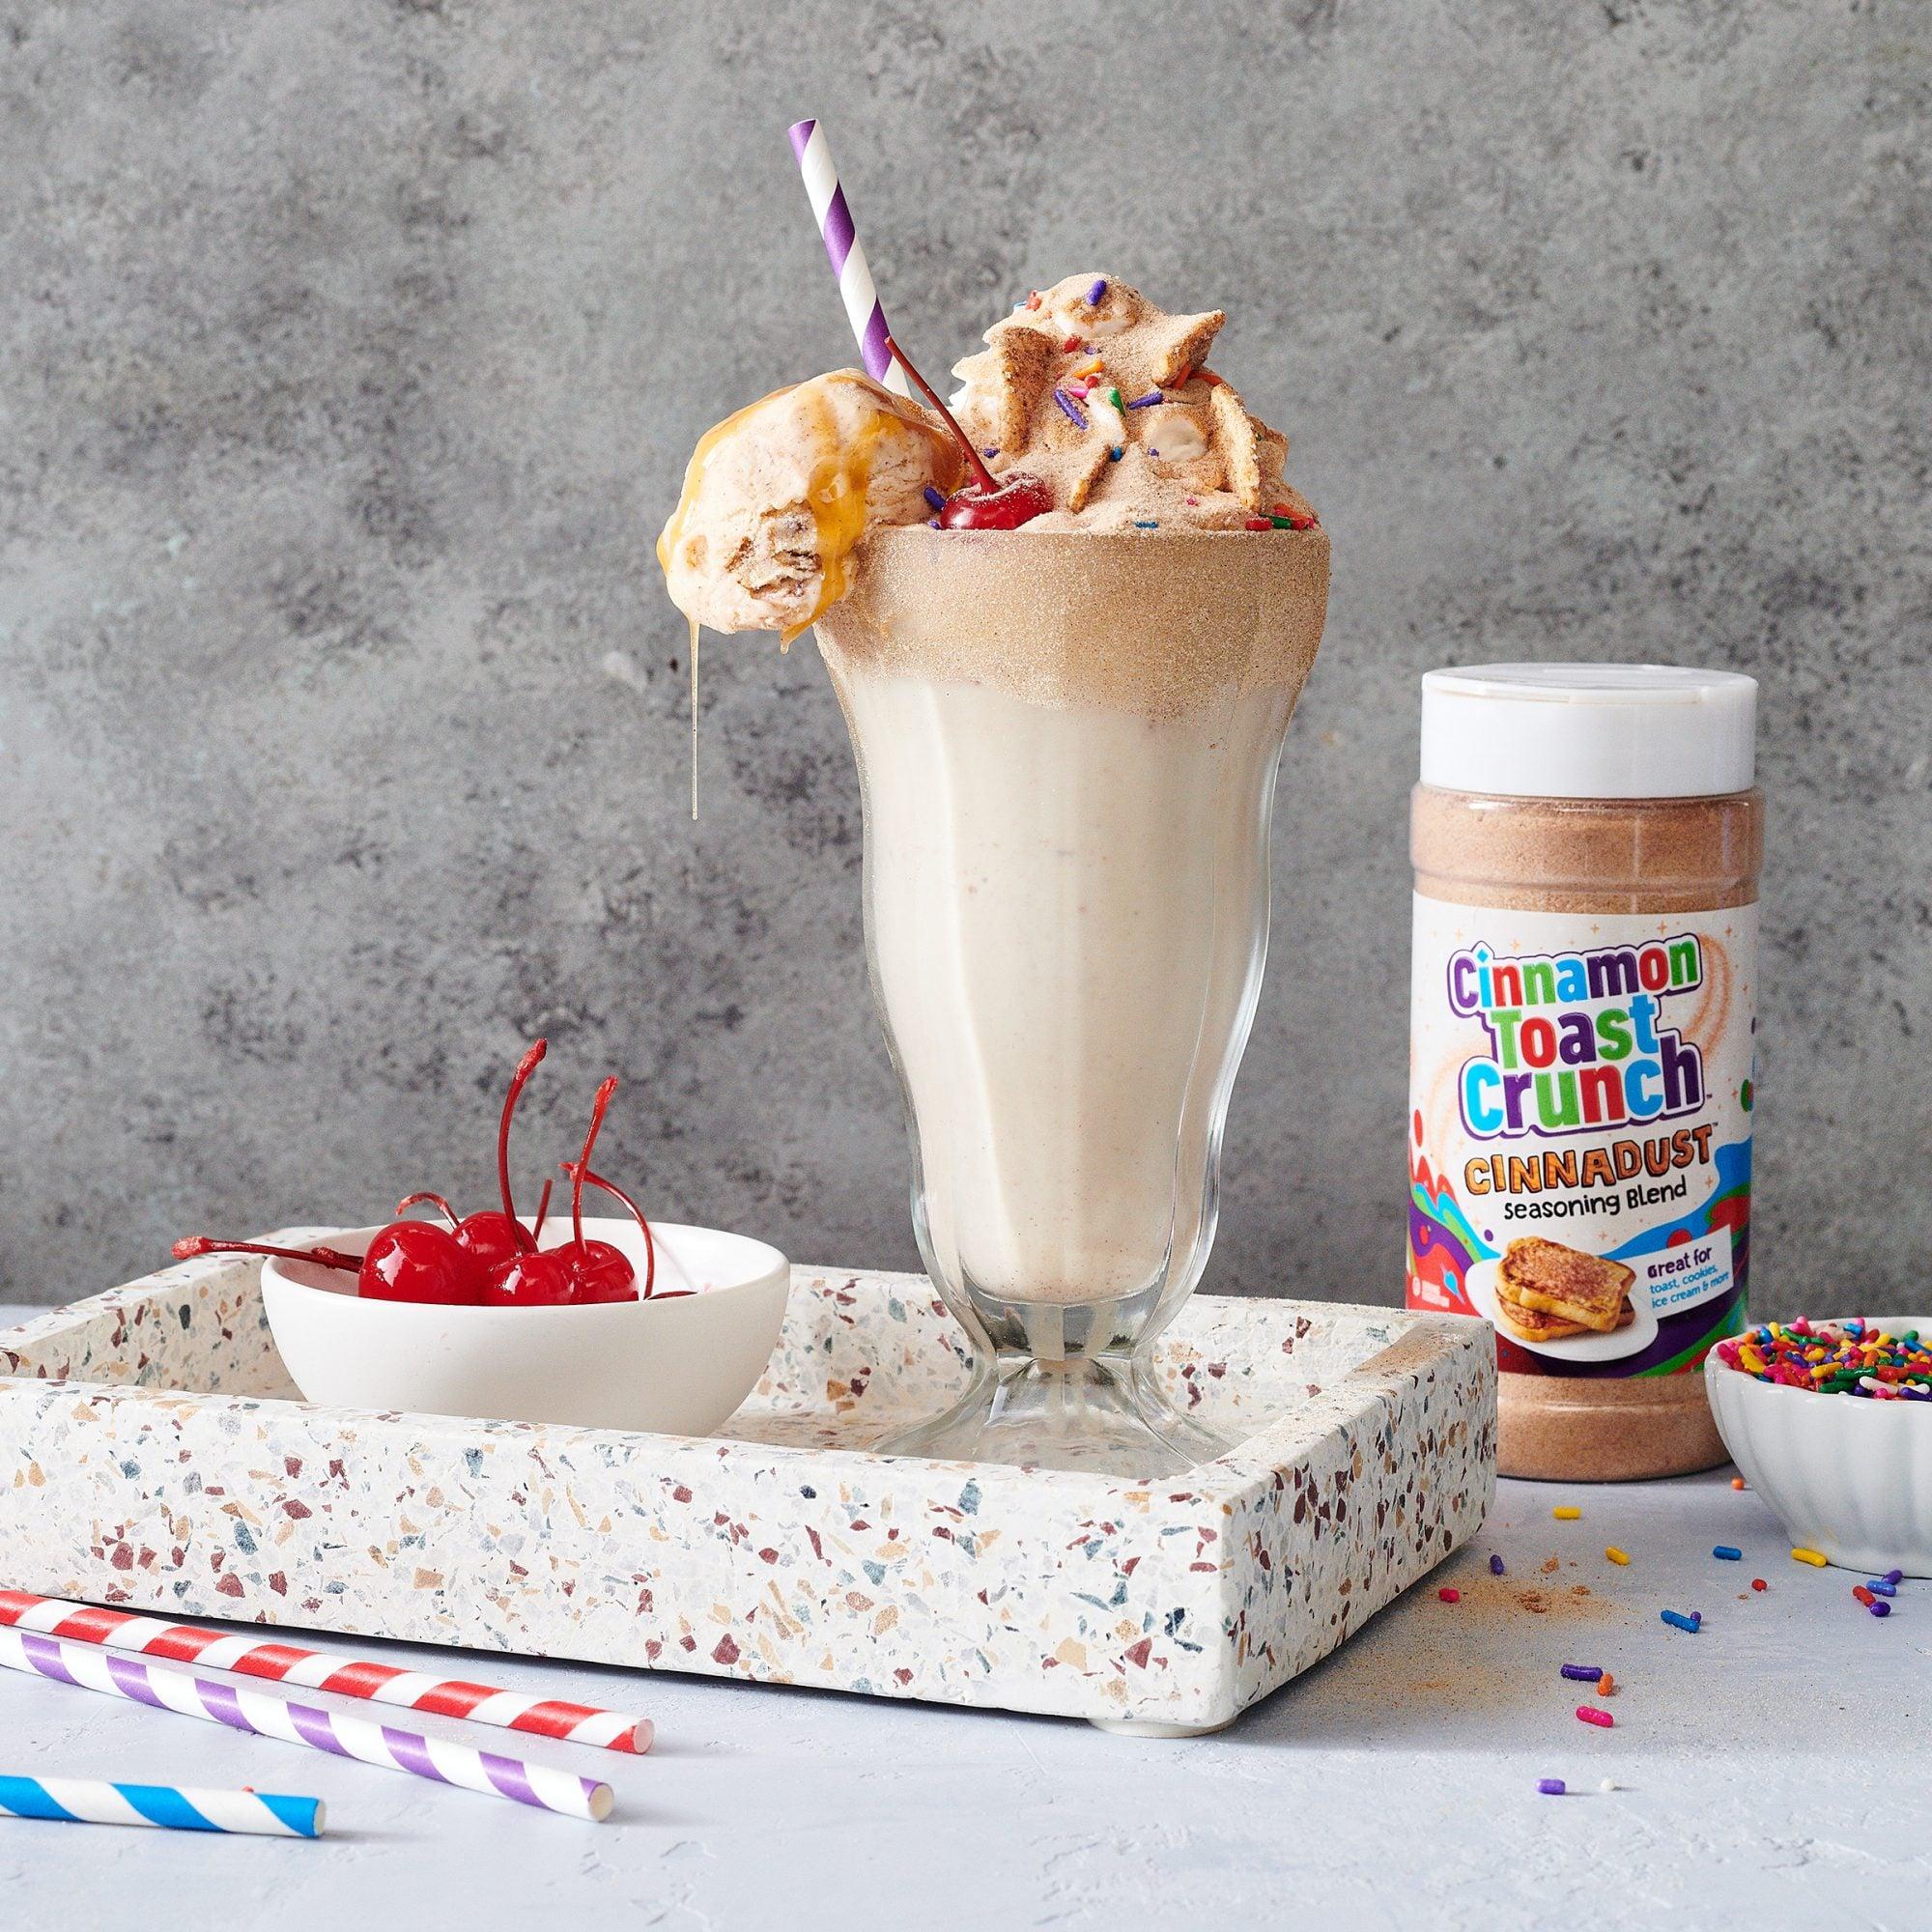 Cinnamon Toast Crunch 'Cinnadust' seasoning blend is coming in September 15